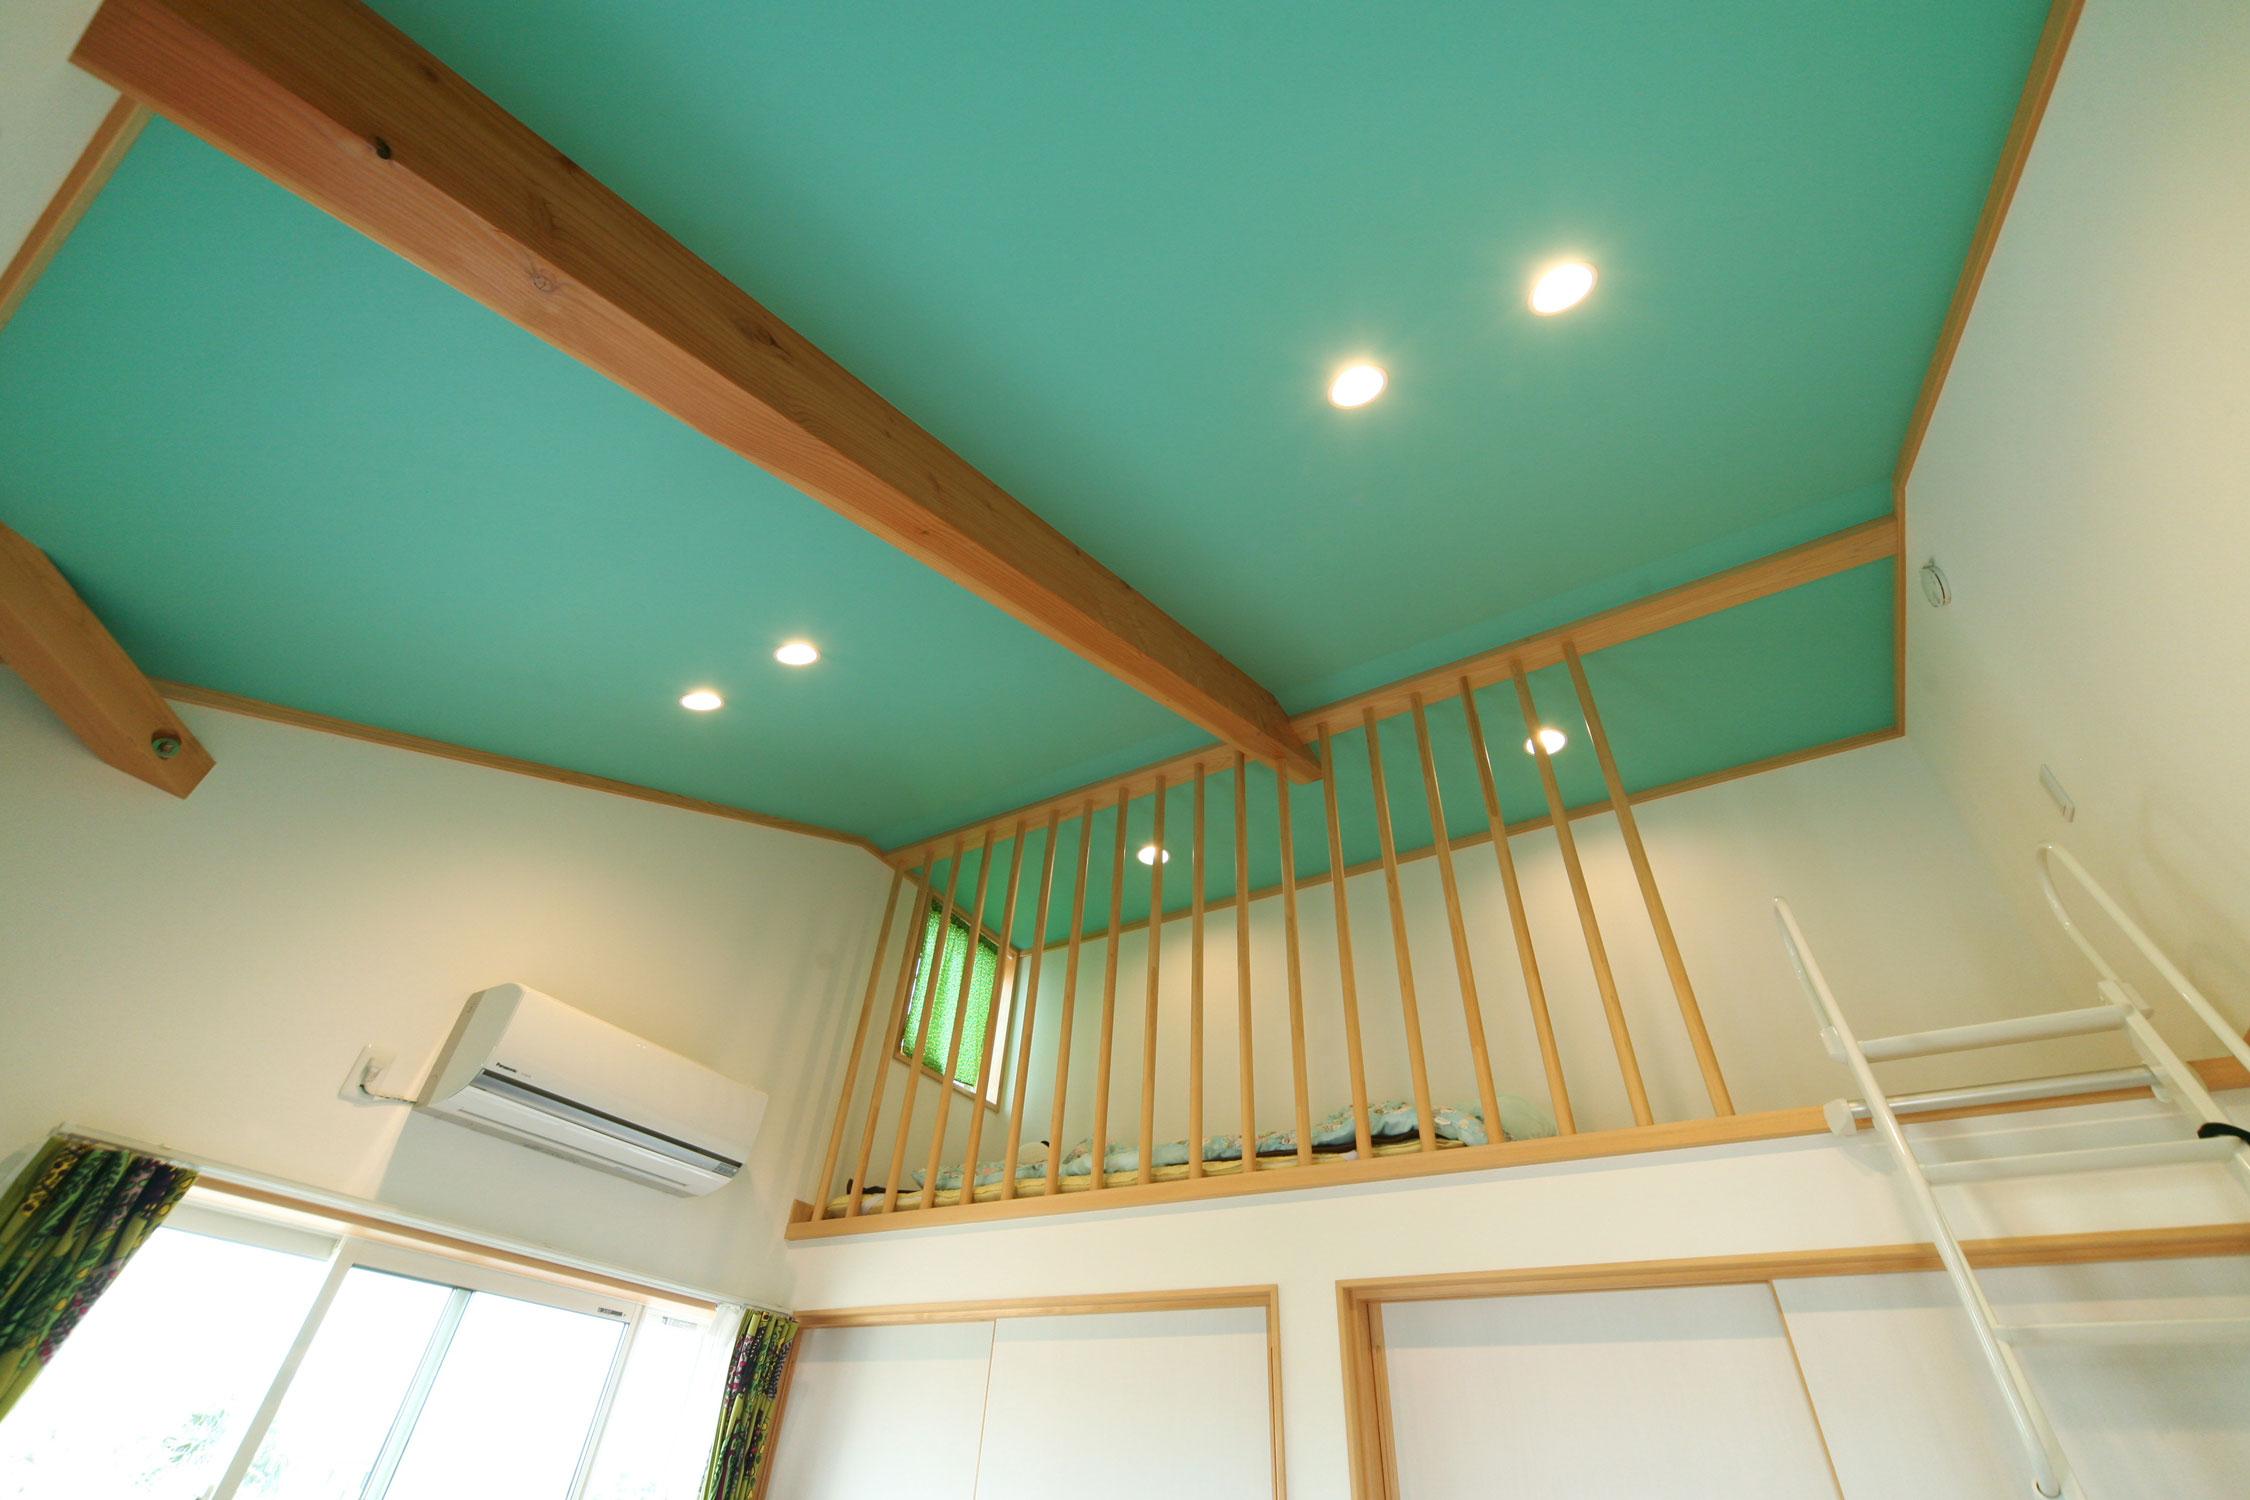 岩田建築【デザイン住宅、趣味、インテリア】エメラルドグリーンが映えるロフト付きの子供部屋。転落防止に格子を設置